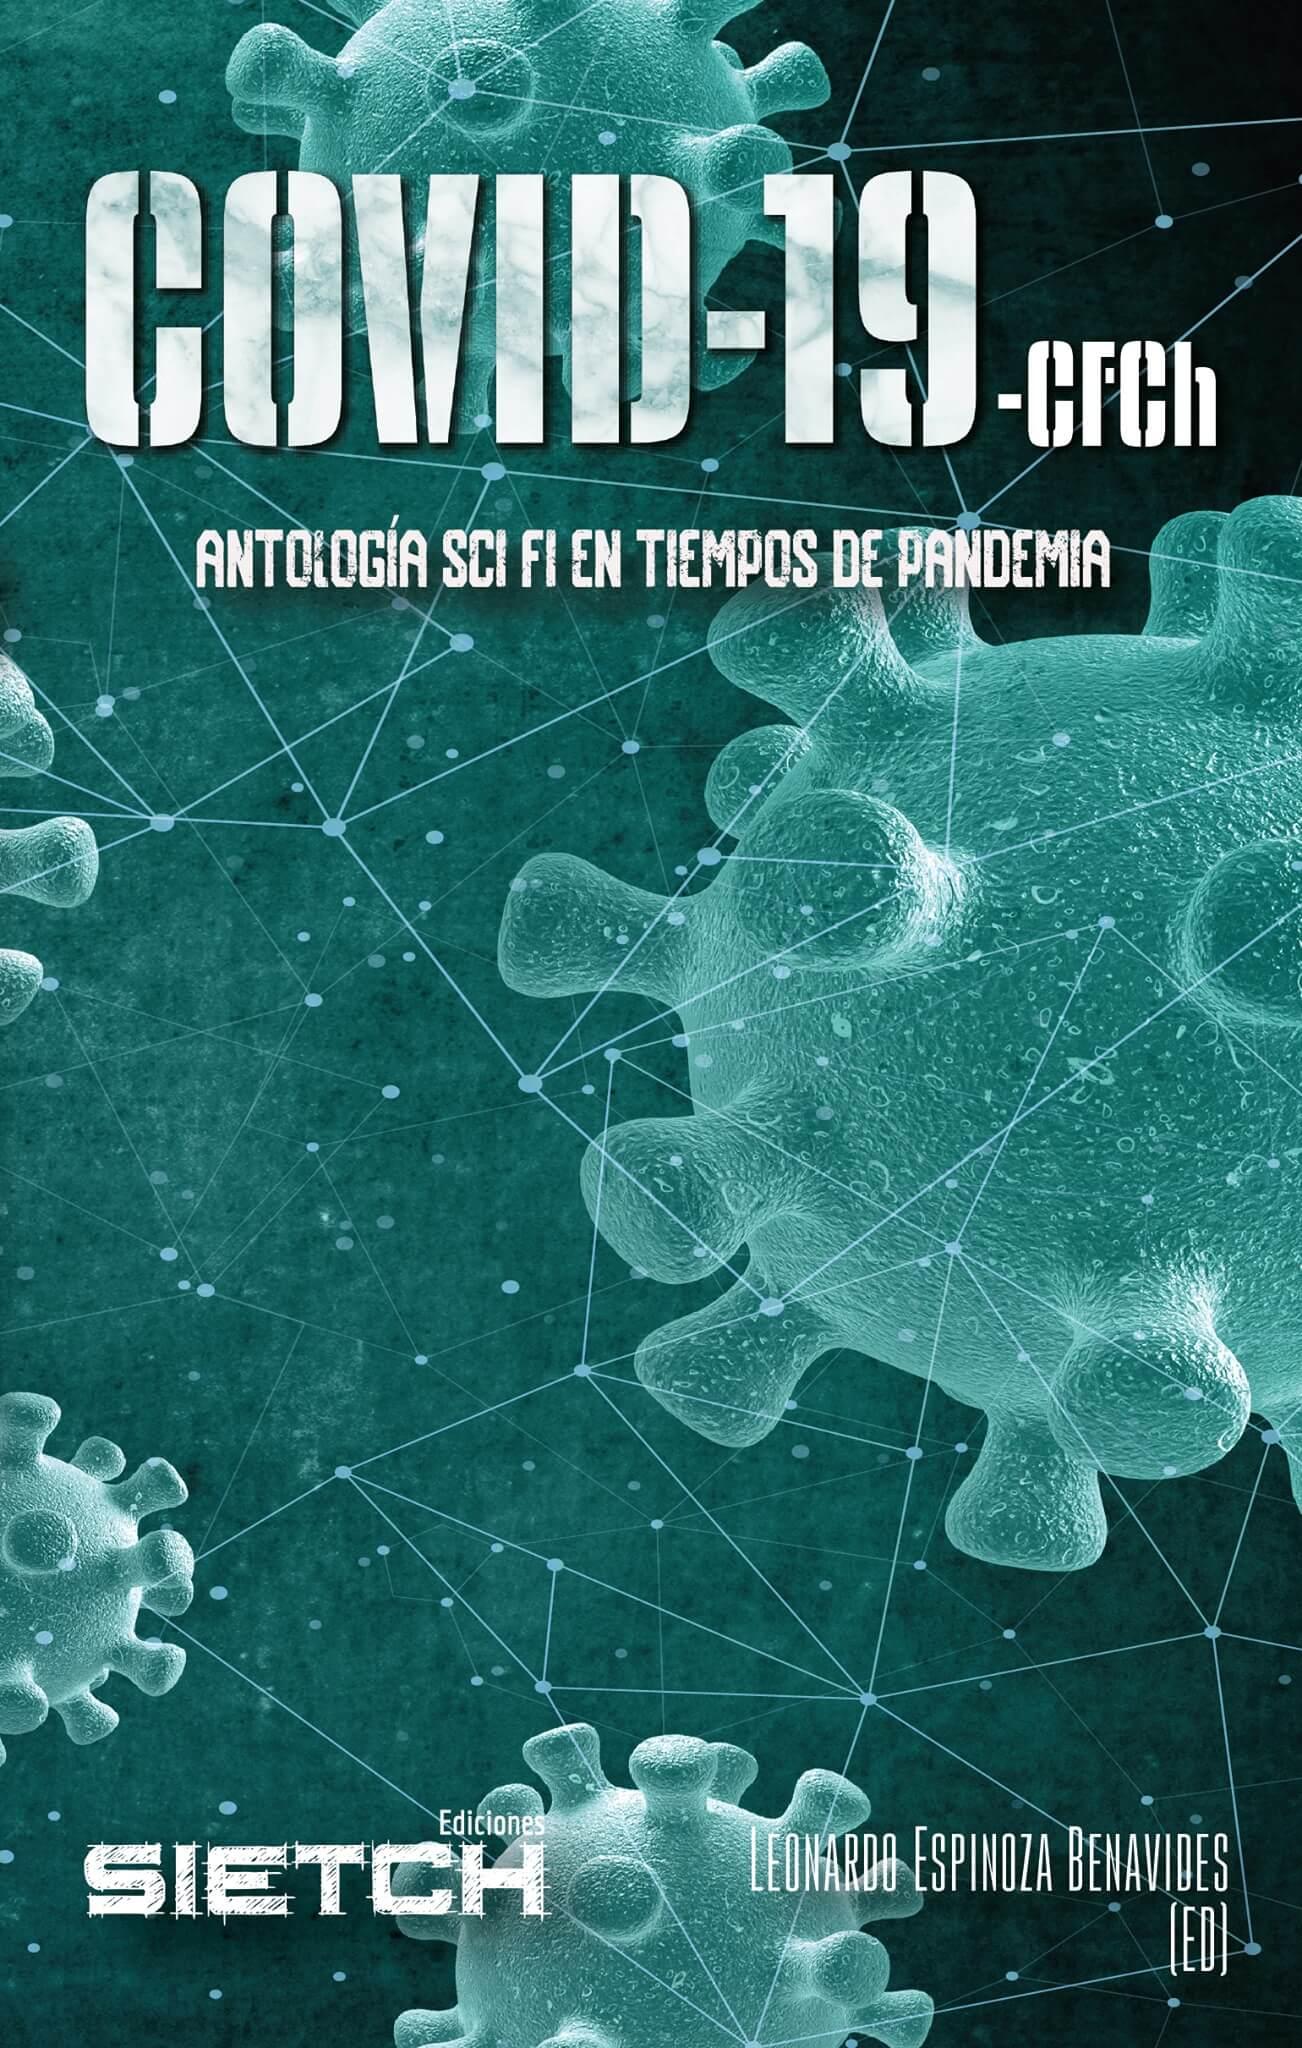 COVID-19-CFCh: Antología sci-fi en tiempos de pandemia